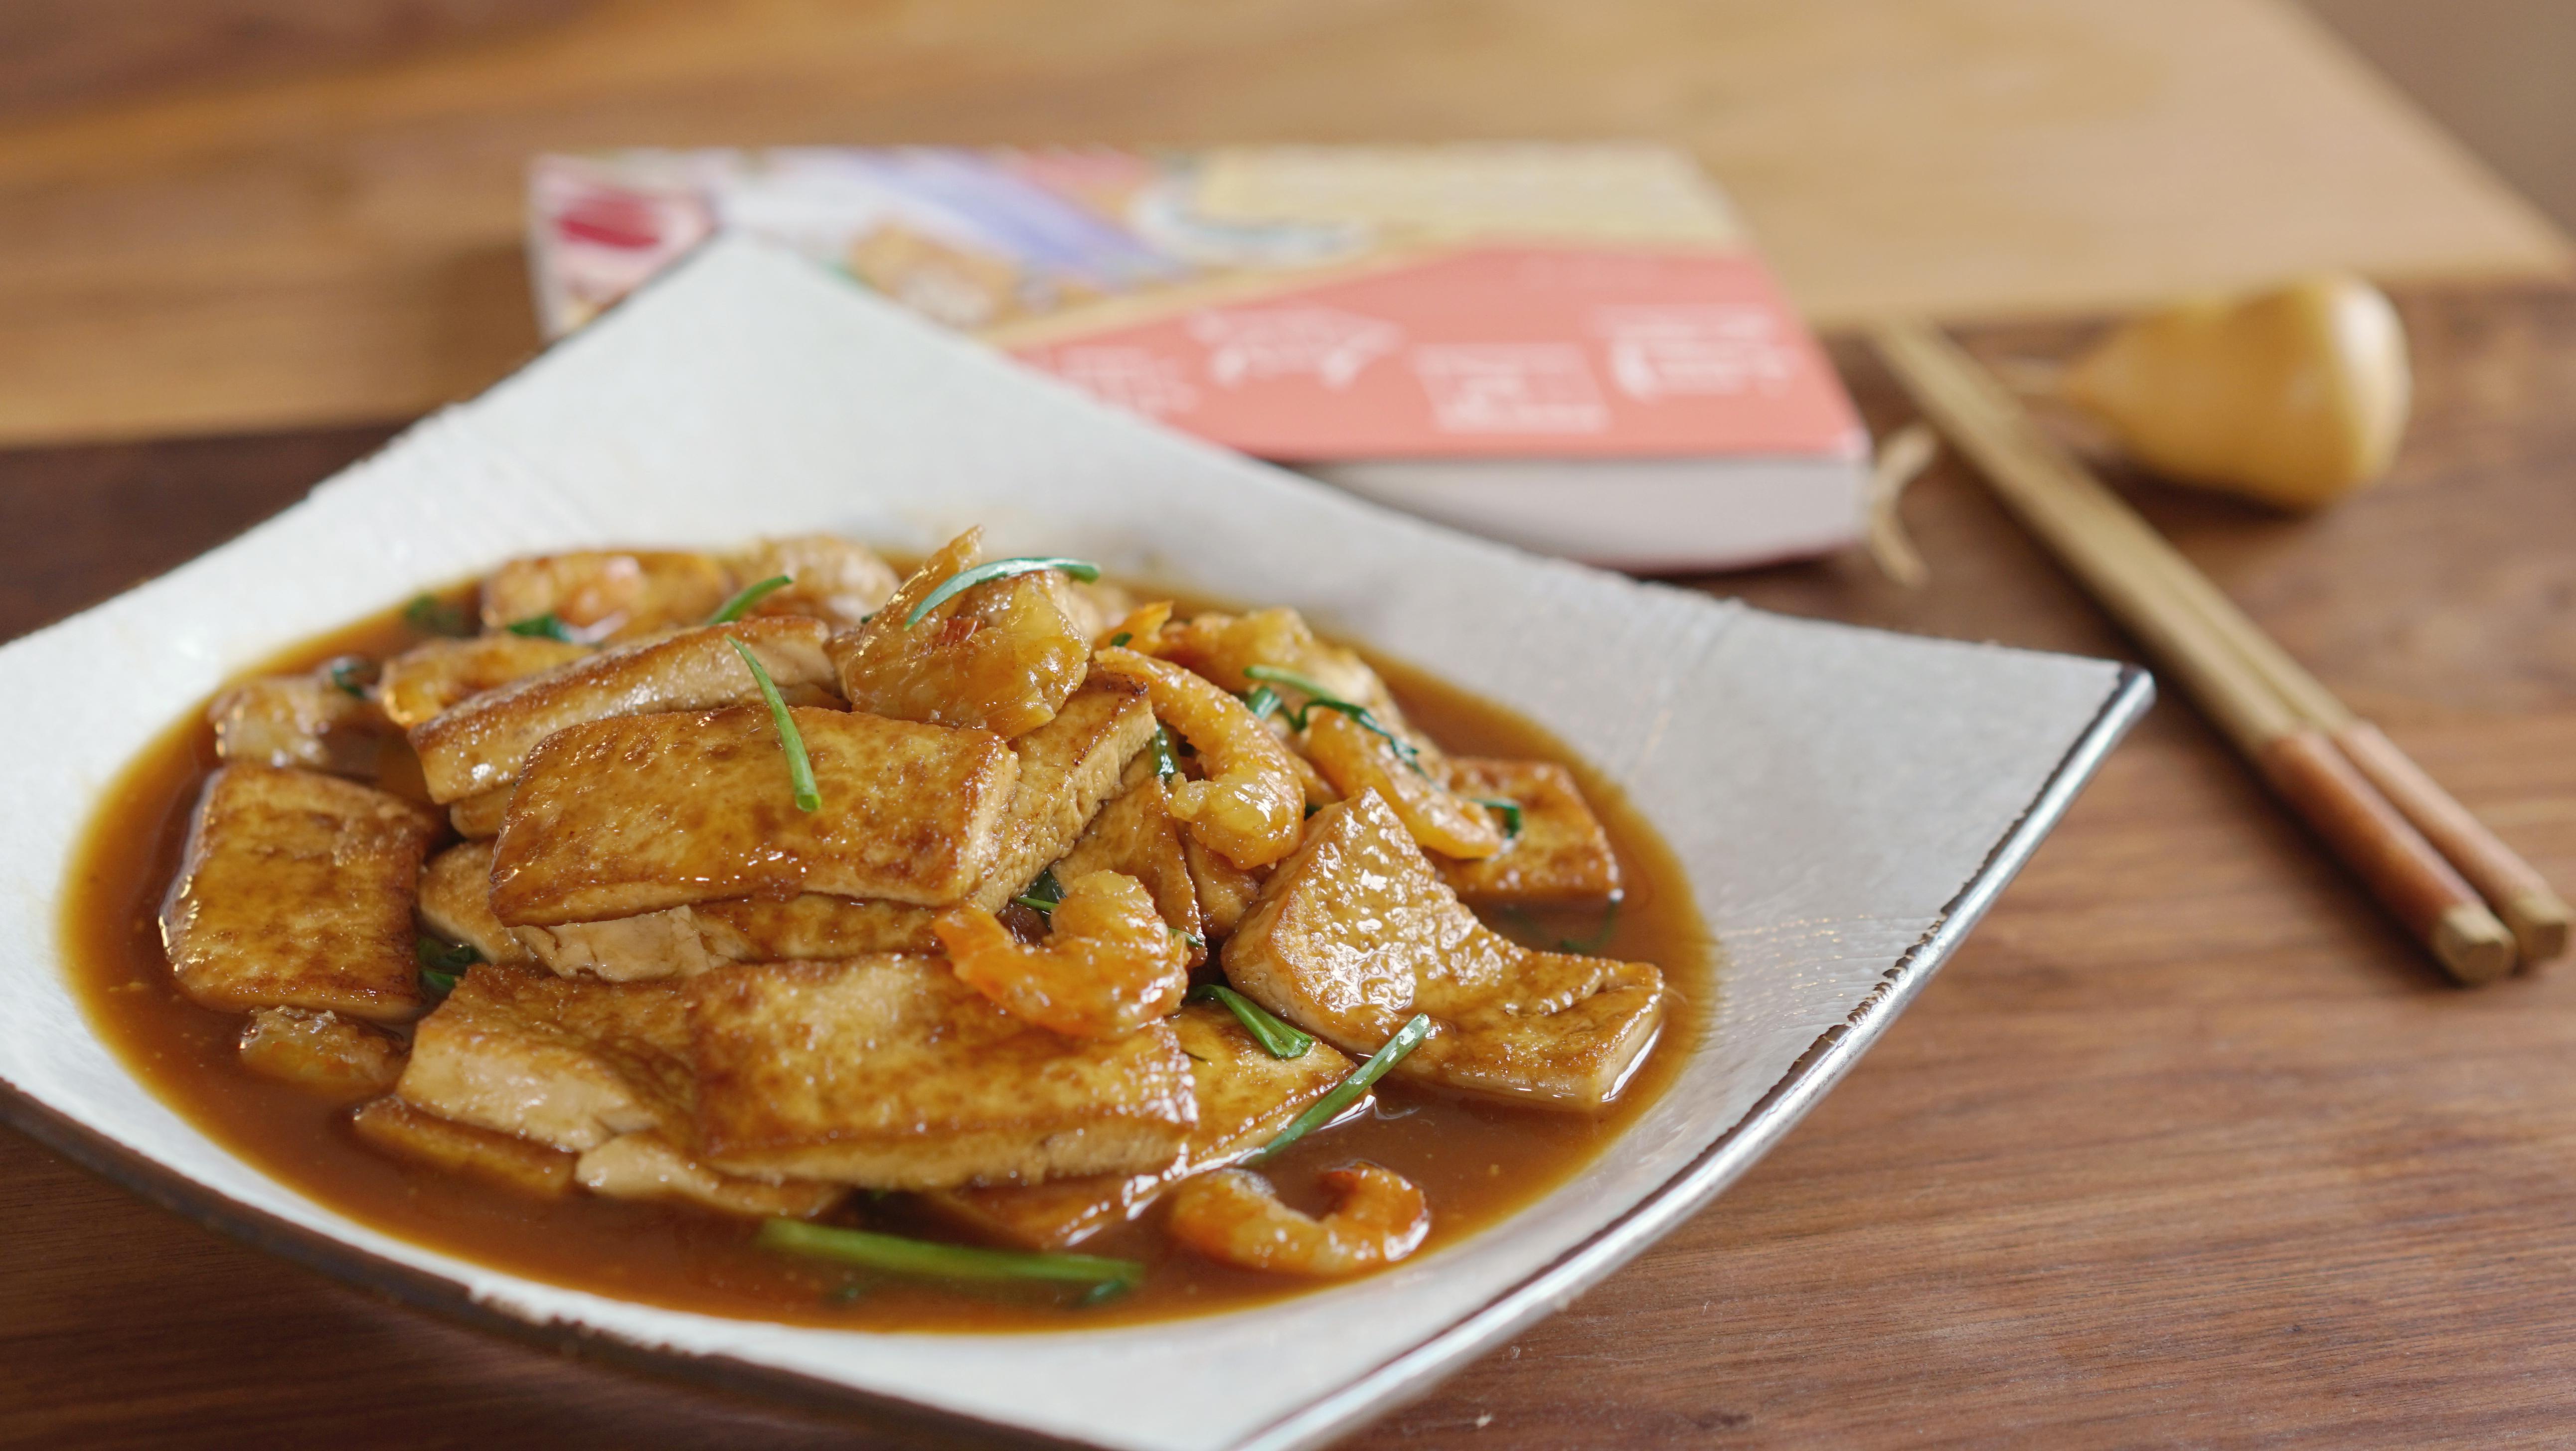 【曼达小馆】一碗三百年前的家常豆腐